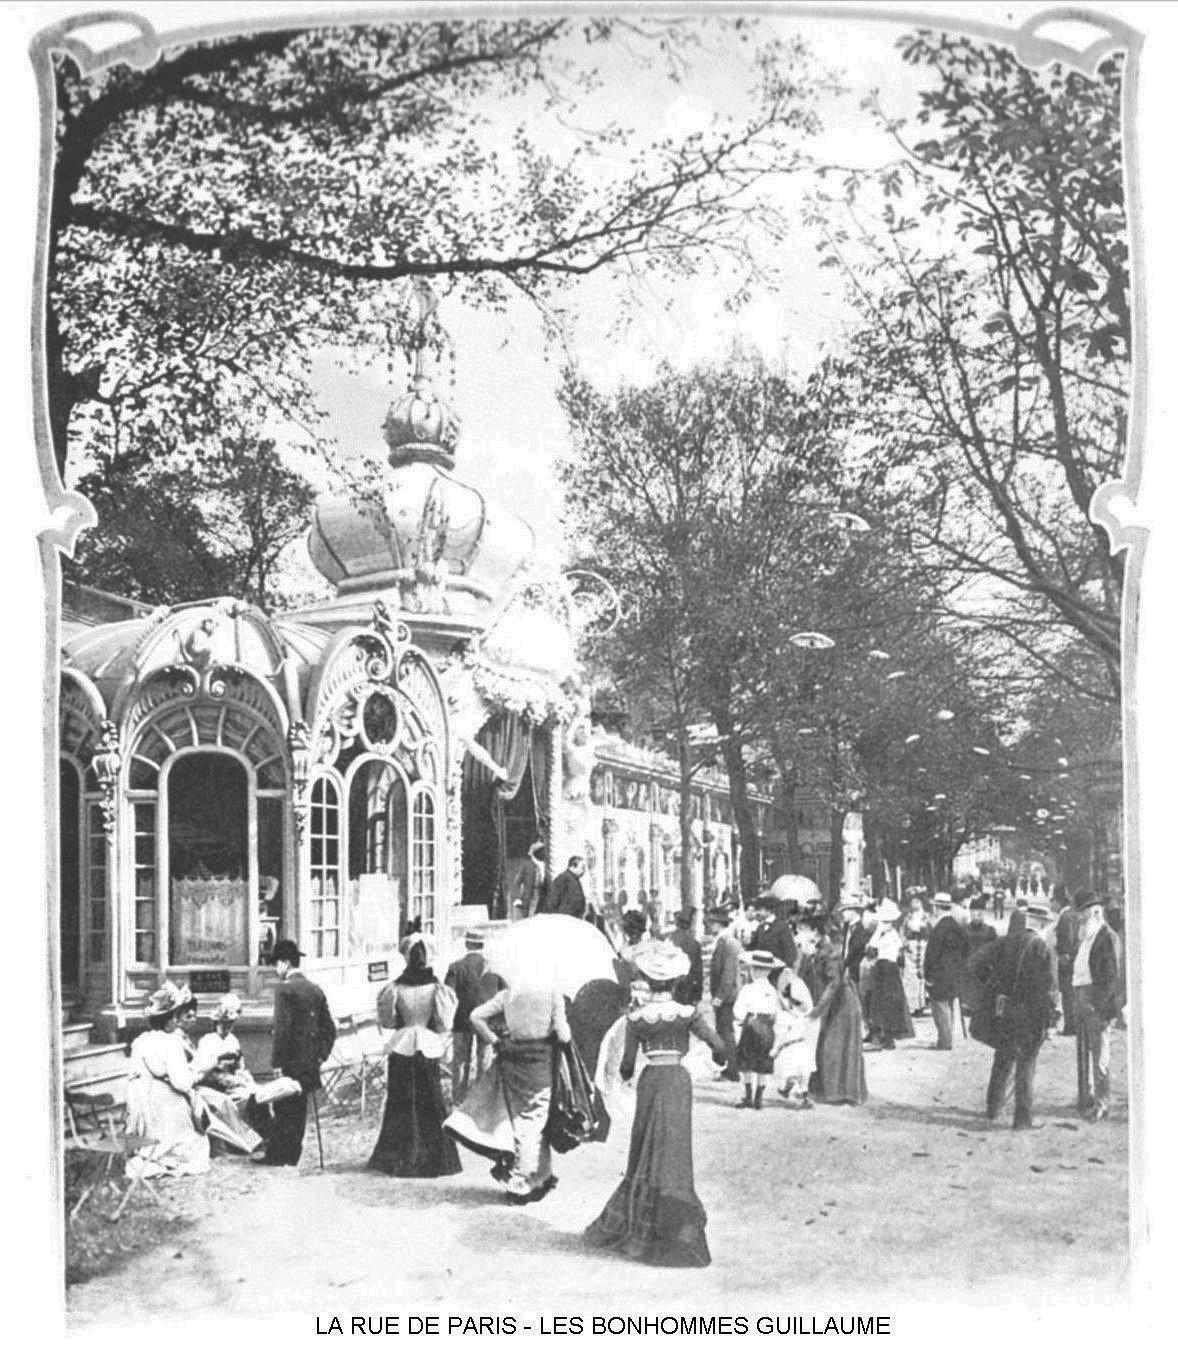 Ressources histoire exposition universelle 1900 la rue de paris les bonhommes guillaume